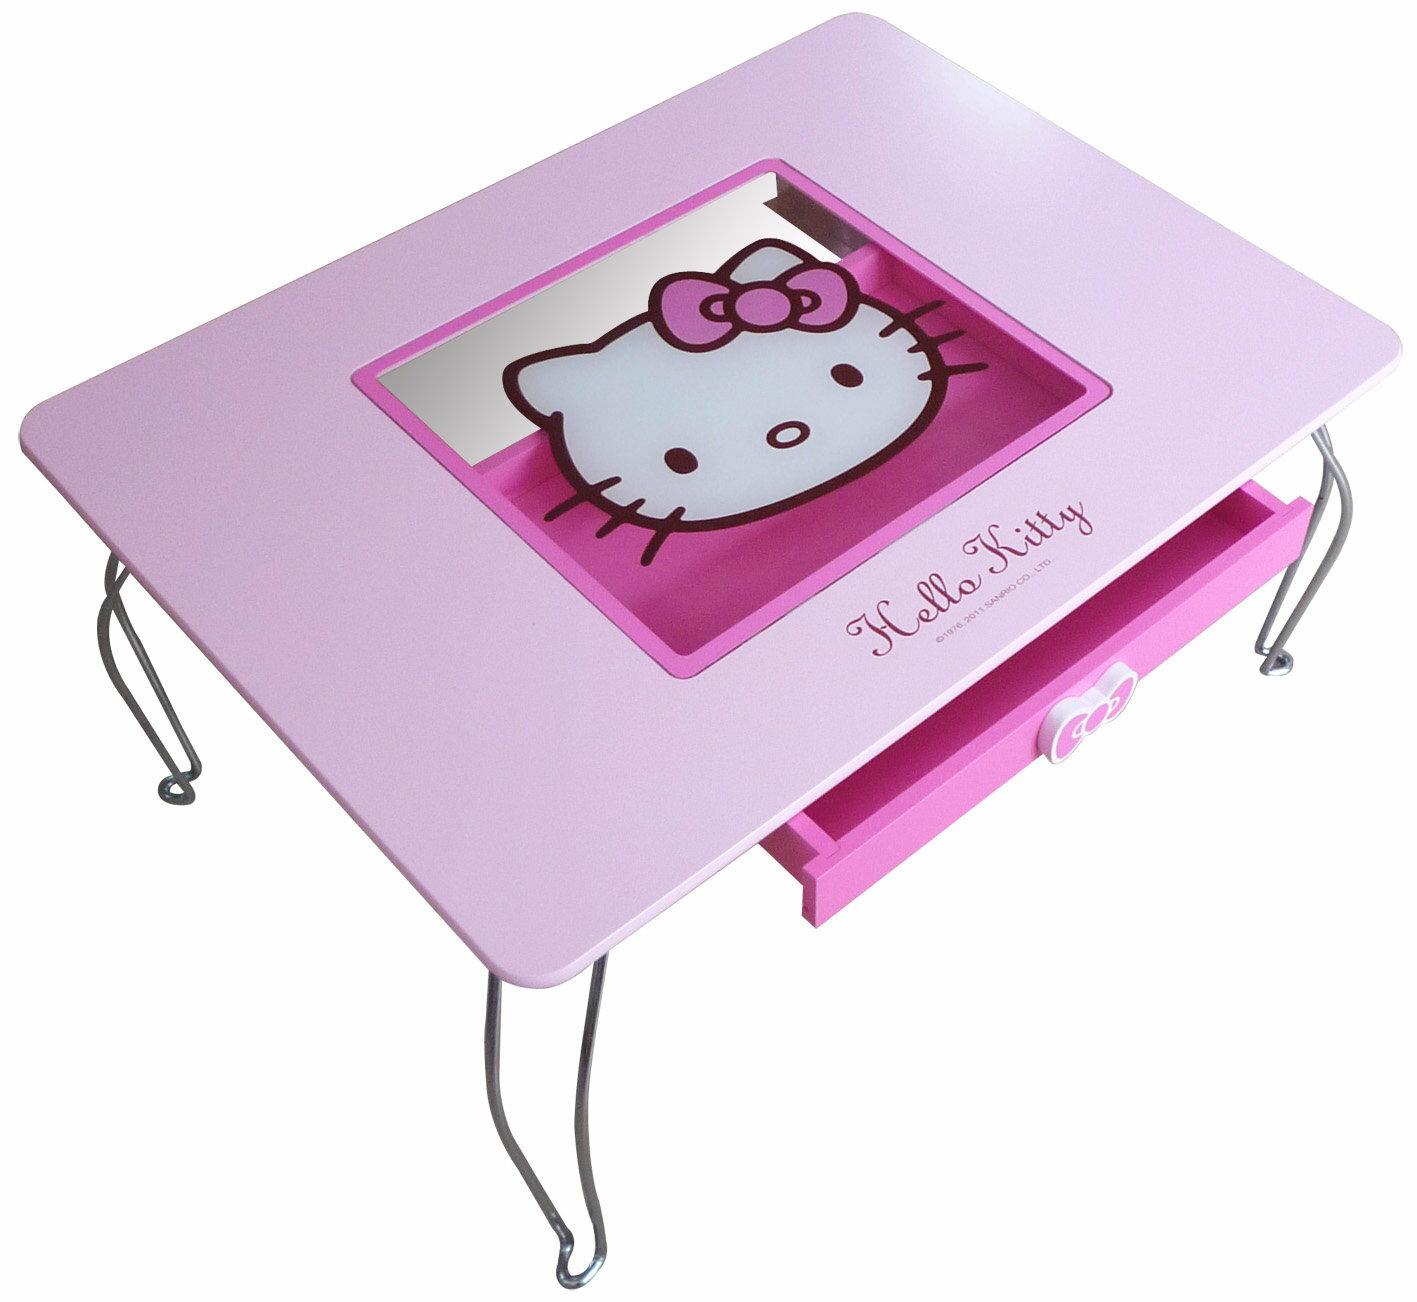 【真愛日本】11102800002 玻璃和式桌-粉紅 三麗鷗 Hello Kitty 凱蒂貓 桌子 和室桌 書桌